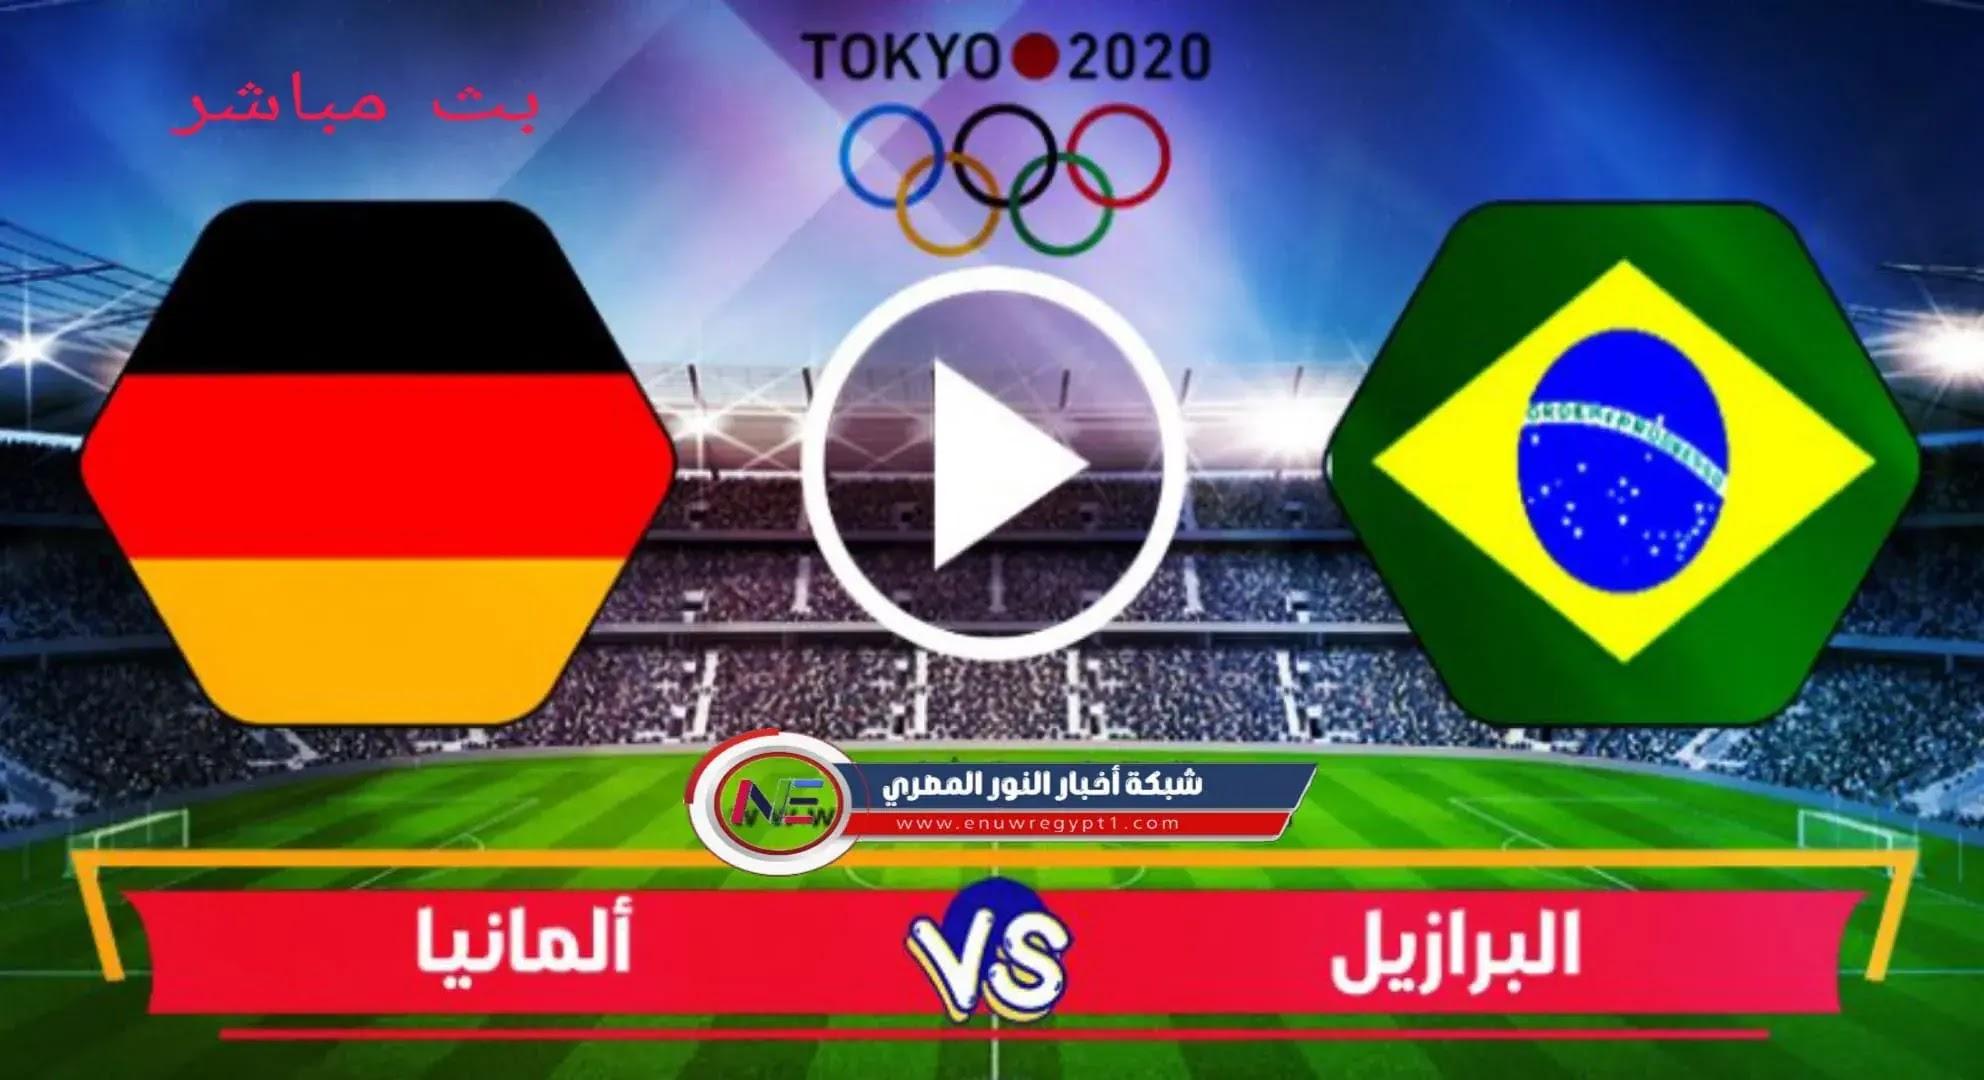 يلا شوت يوتيوب.. بث مباشر مشاهدة مباراة البرازيل و المانيا اليوم 22-07-2021 في بطولة اولمبياد طوكيو 2020 كورة لايف الان بجودة عالية بدون تقطيع.